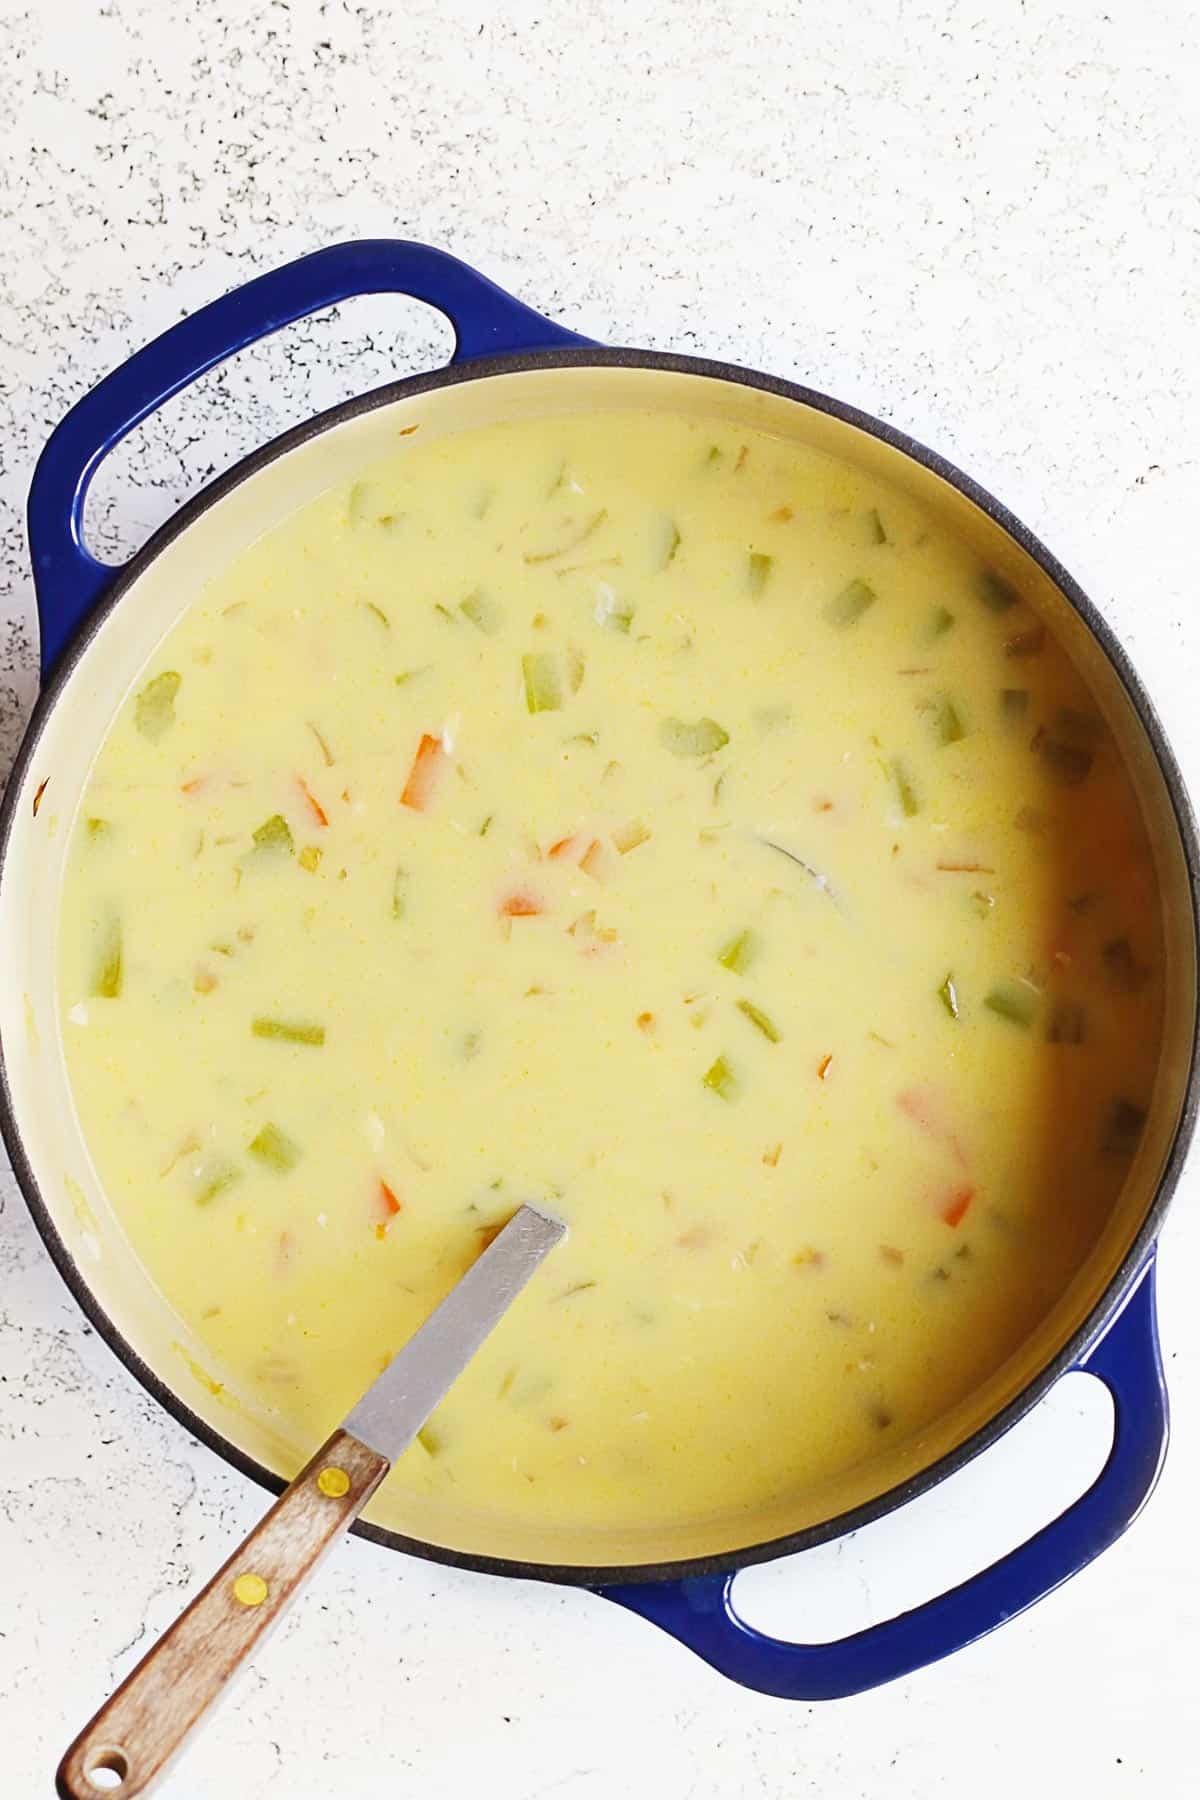 Lemon orzo soup in a pot